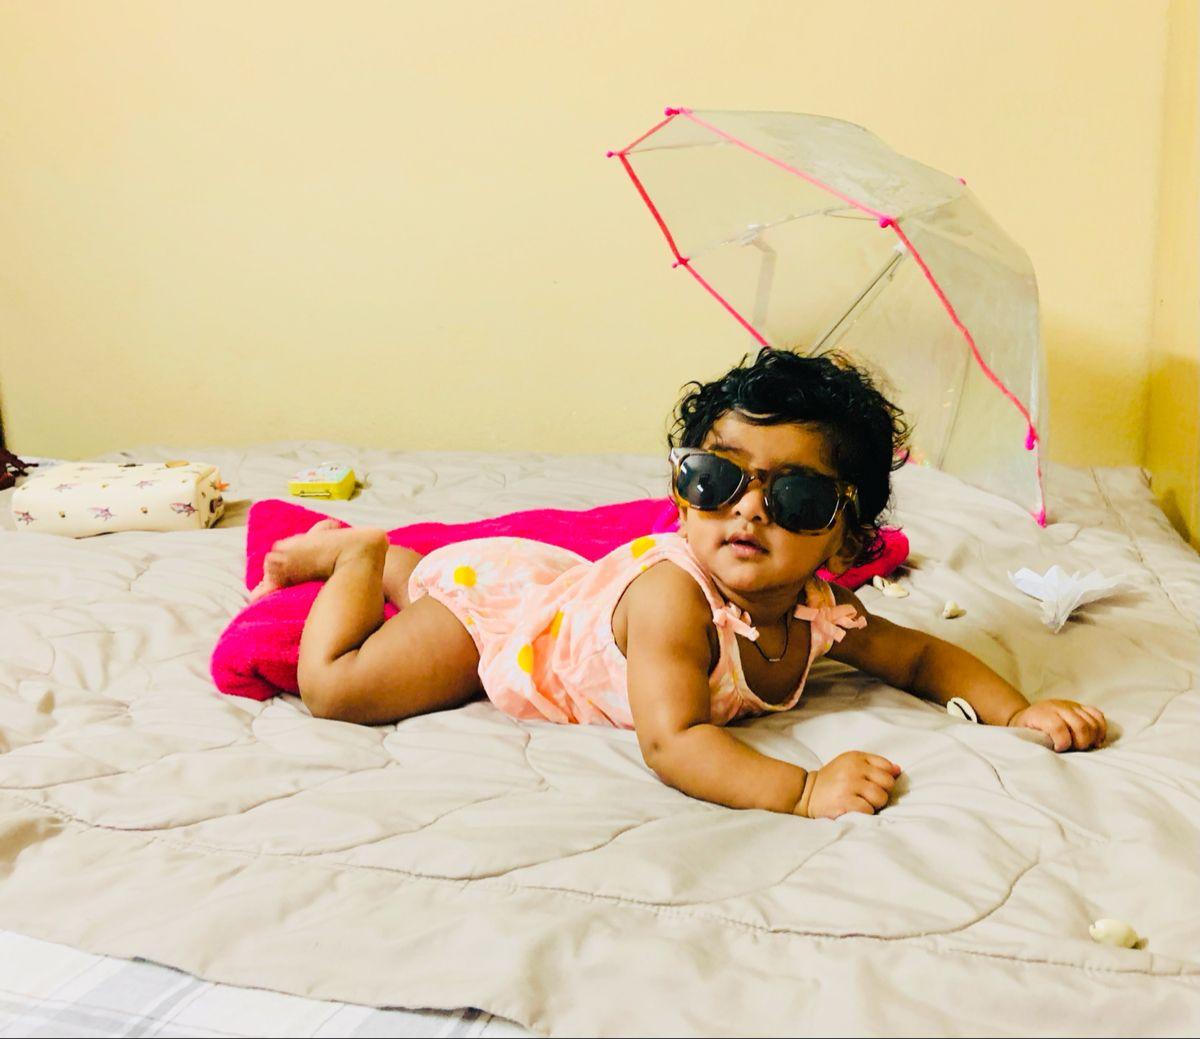 Baby photoshoot | beach photoshoot